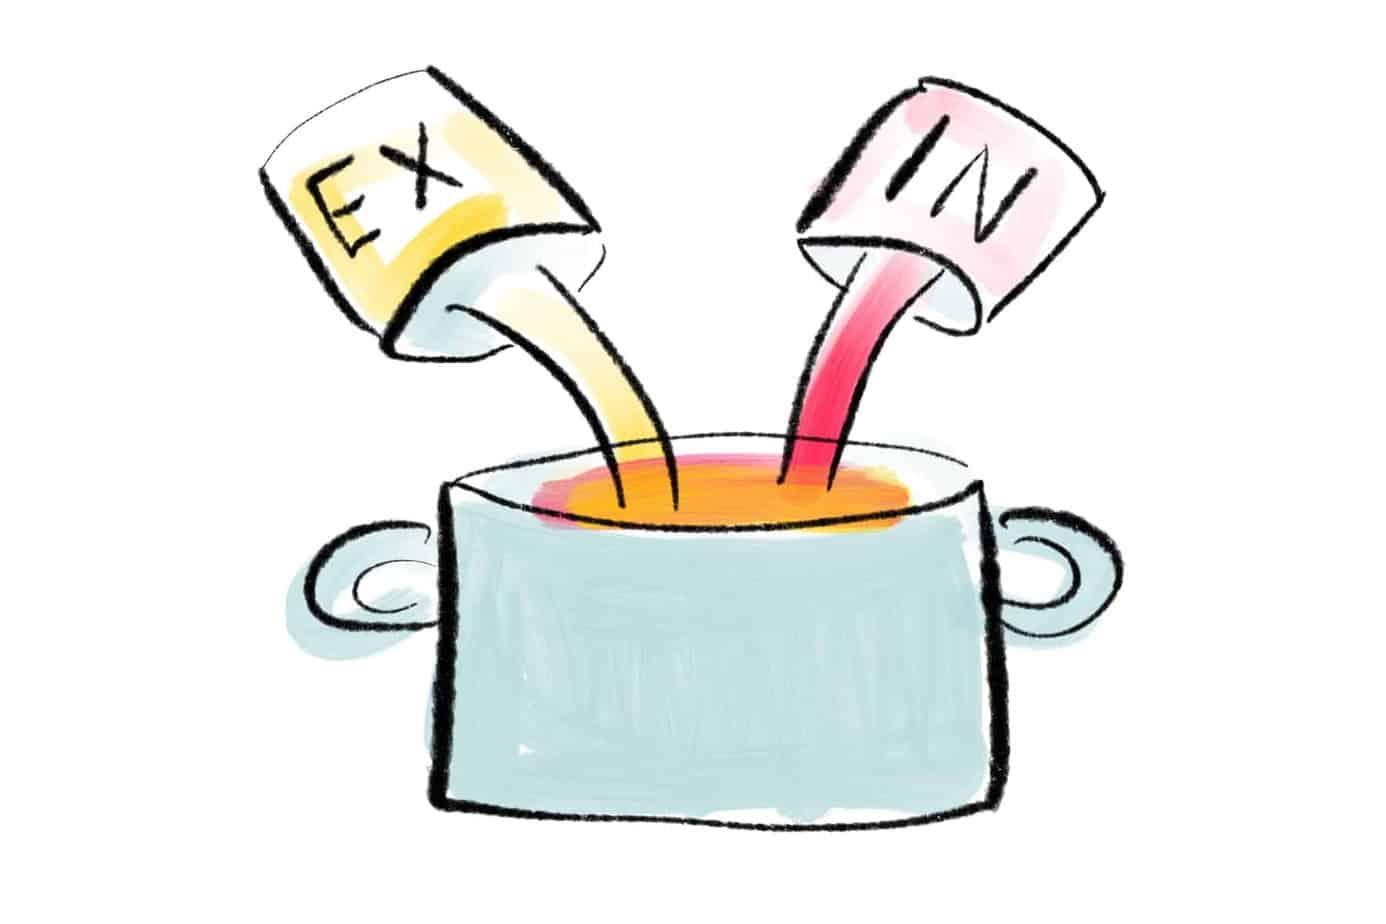 Spezialmix aus extravertiert und introvertierten Eigenschaften